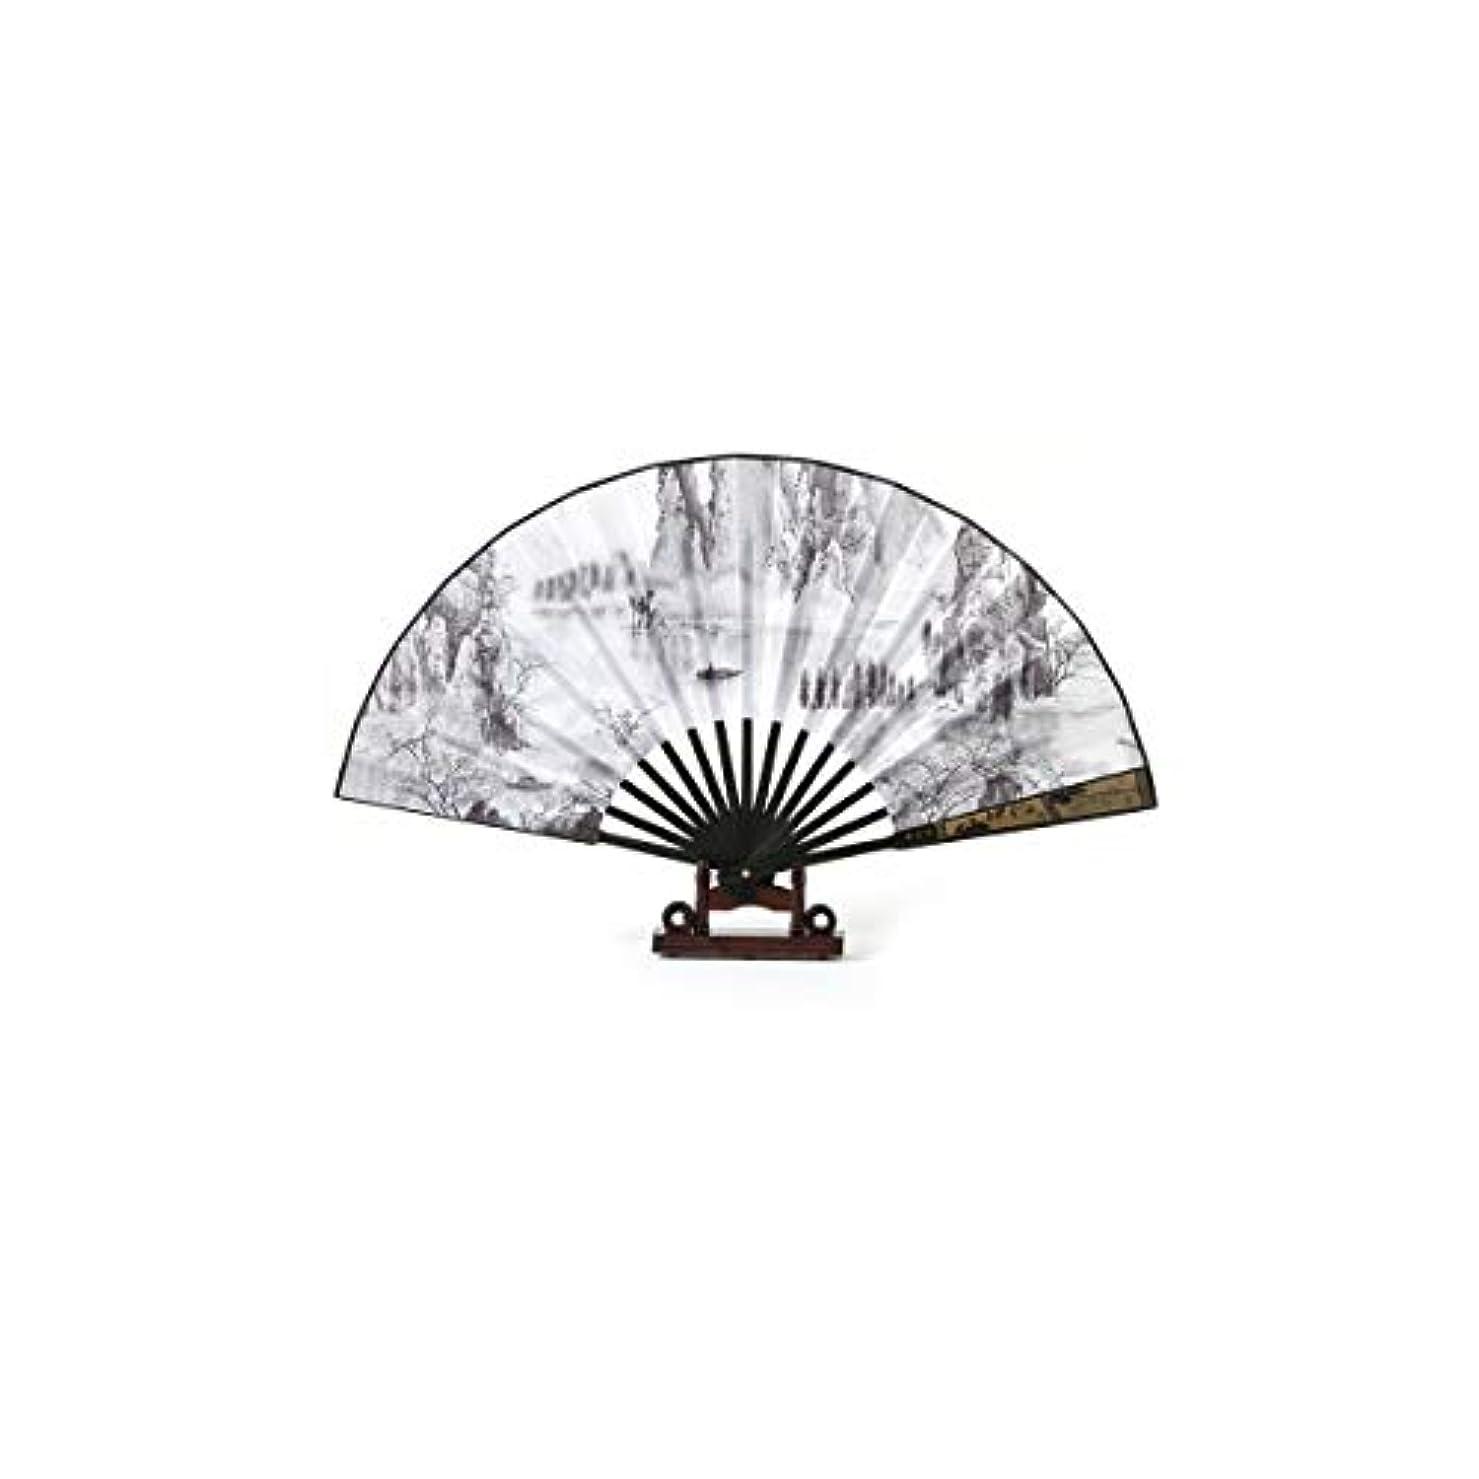 夜間トライアスリートコンサートFengshangshanghang 新清アンティーク扇子、リビングルーム、寝室の装飾、誕生日プレゼント、貴族。,家の装飾